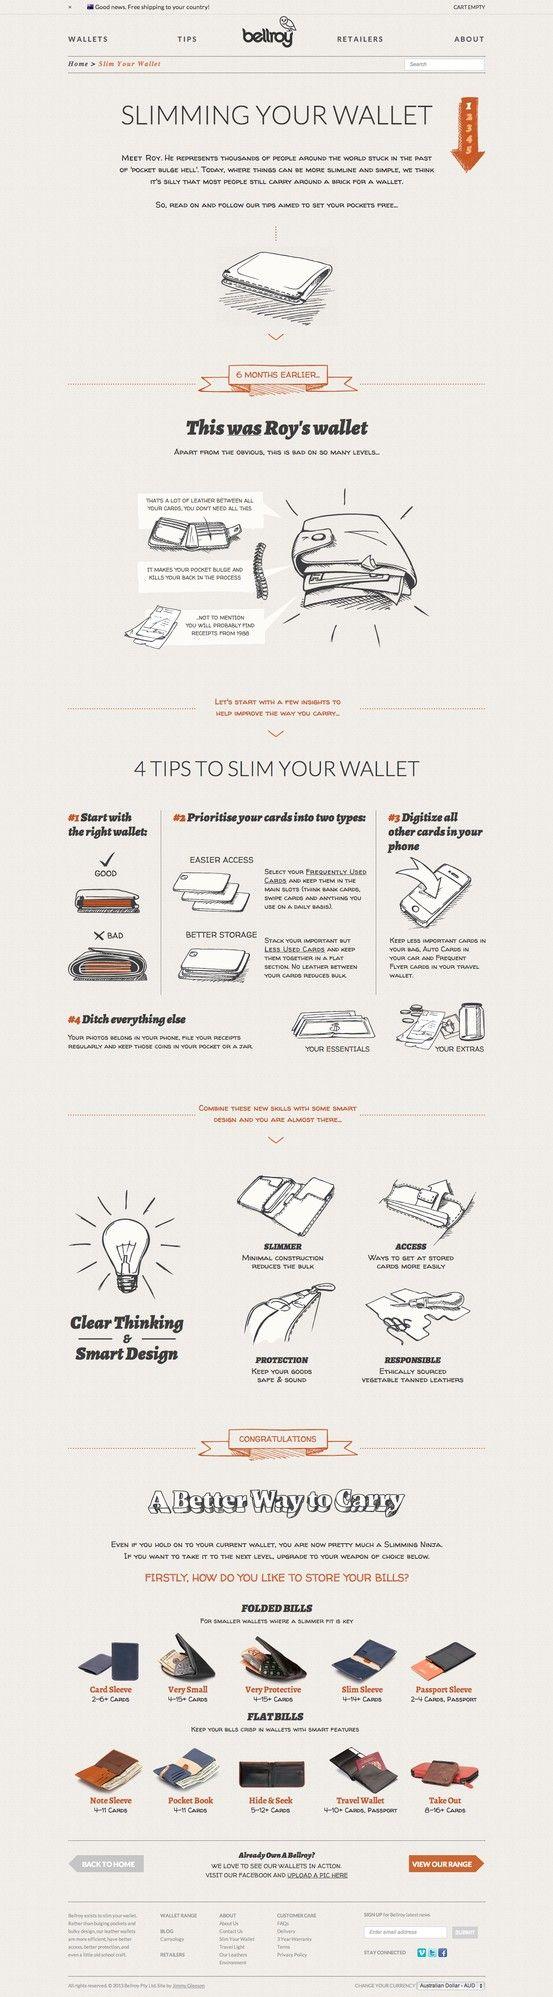 Bellroy. Slim your wallet. (More design inspiration at www.aldenchong.com)